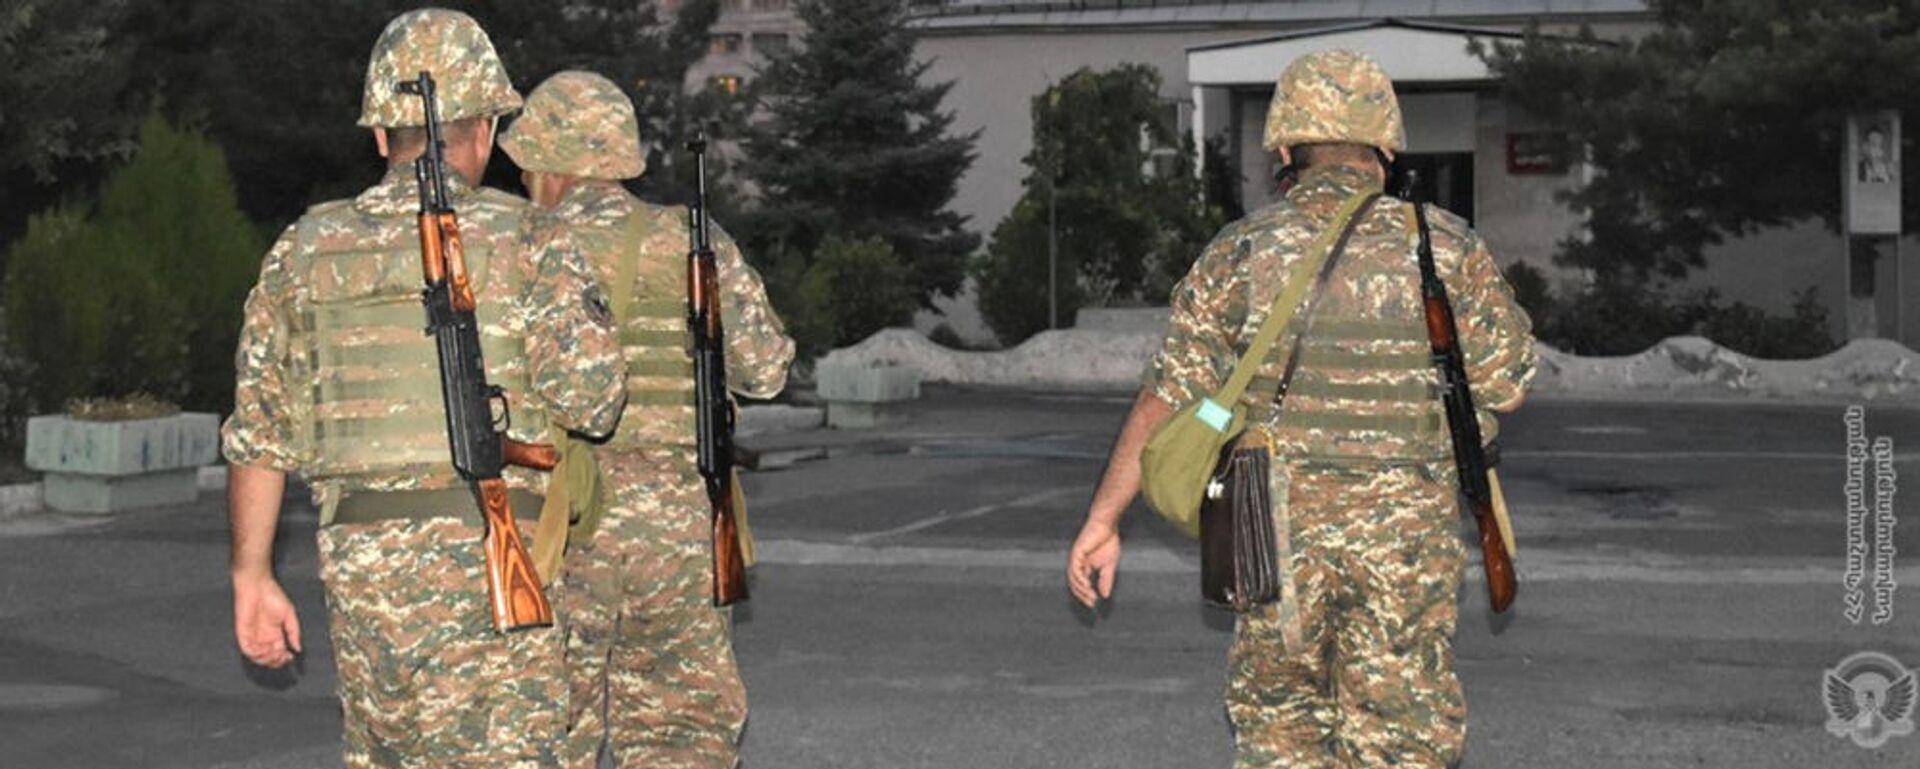 Армянские военнослужащие в воинской части во время учебной тревоги - Sputnik Армения, 1920, 23.08.2021